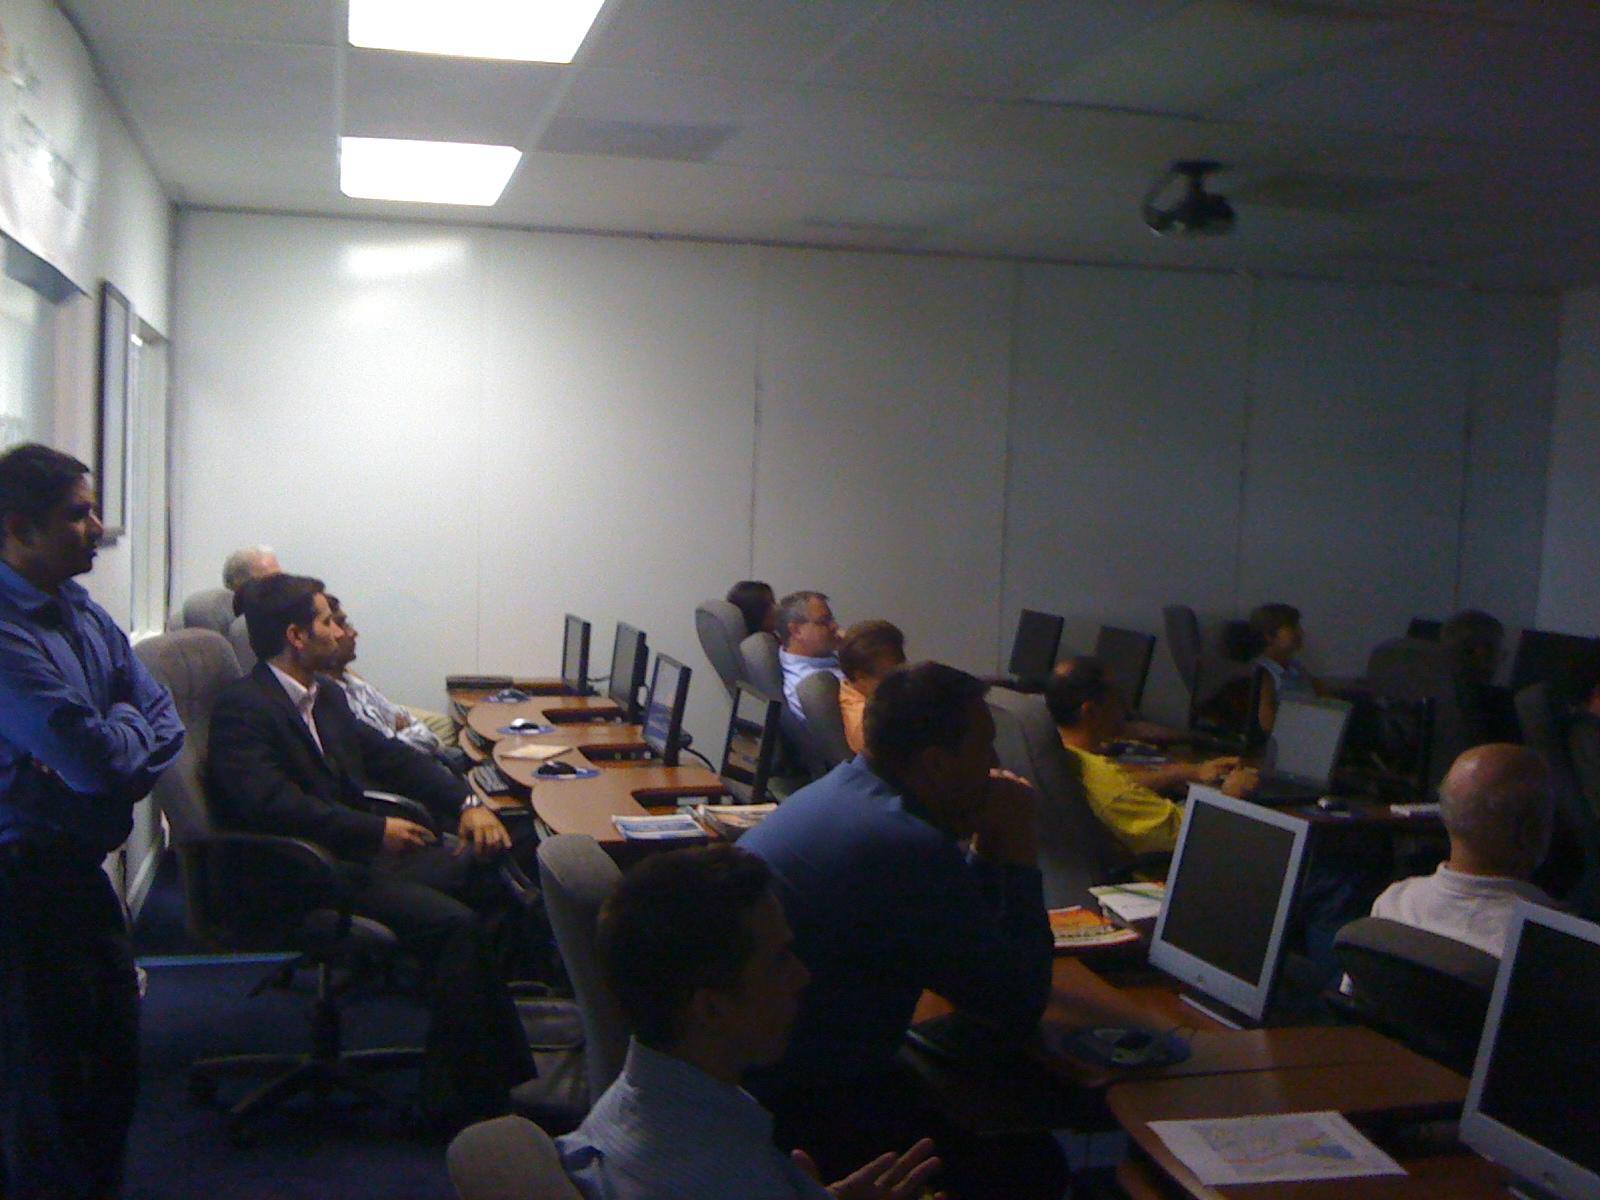 West Palm Beach .Net User Group with Don Demsak June 22nd 2010